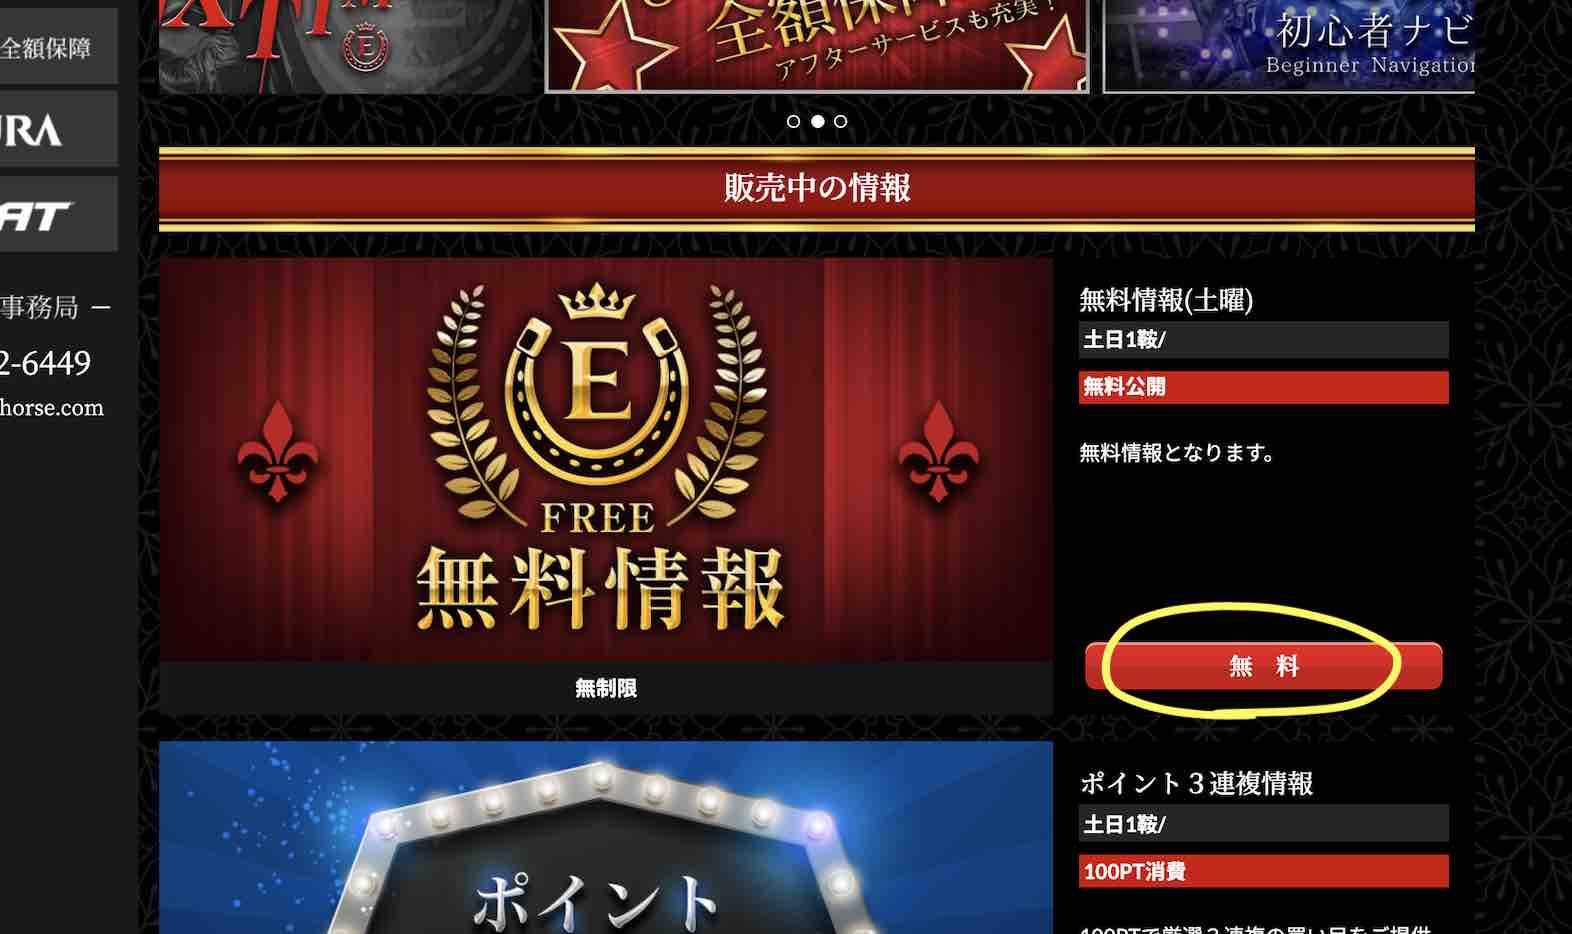 EXTRA(エクストラ)という競馬予想サイトの無料予想(無料情報)を確認する